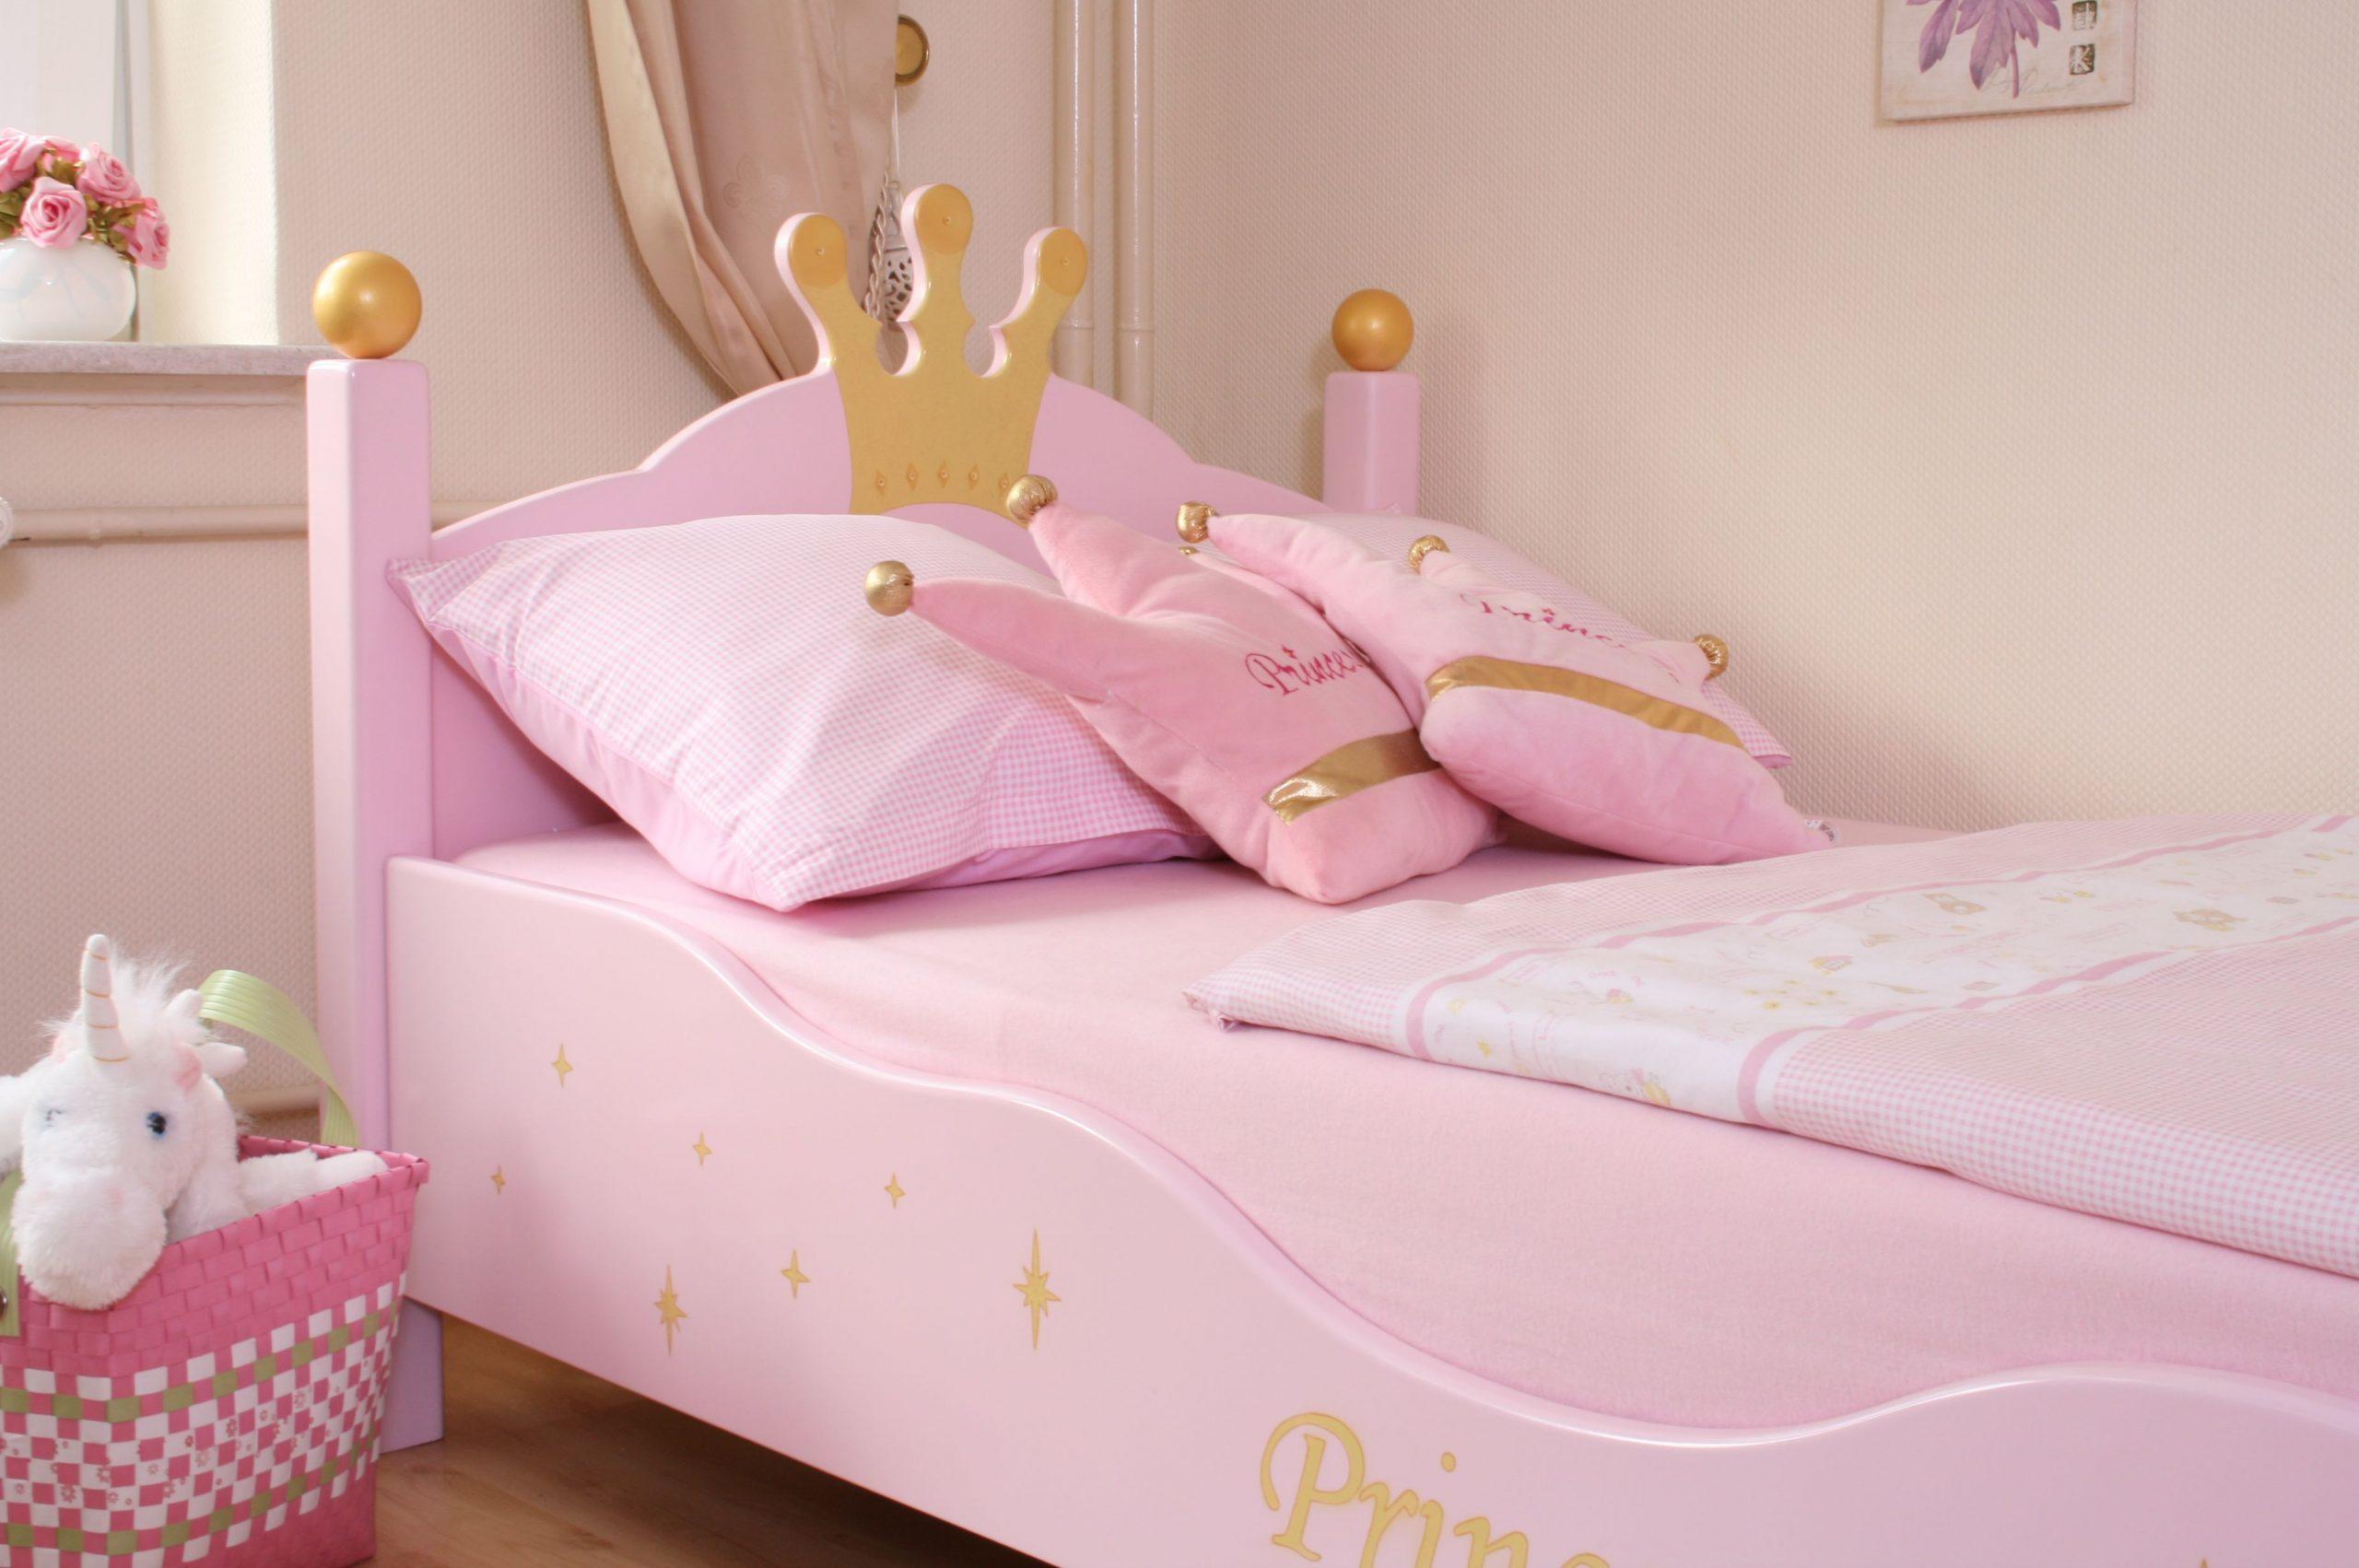 Full Size of Prinzessinen Bett Prinzessin Rosa Oliniki Günstige Betten Flexa Mit Schubladen 180x200 120 X 200 Komplett 160x200 Lattenrost Modernes Kingsize Ohne Füße 1 Bett Prinzessinen Bett